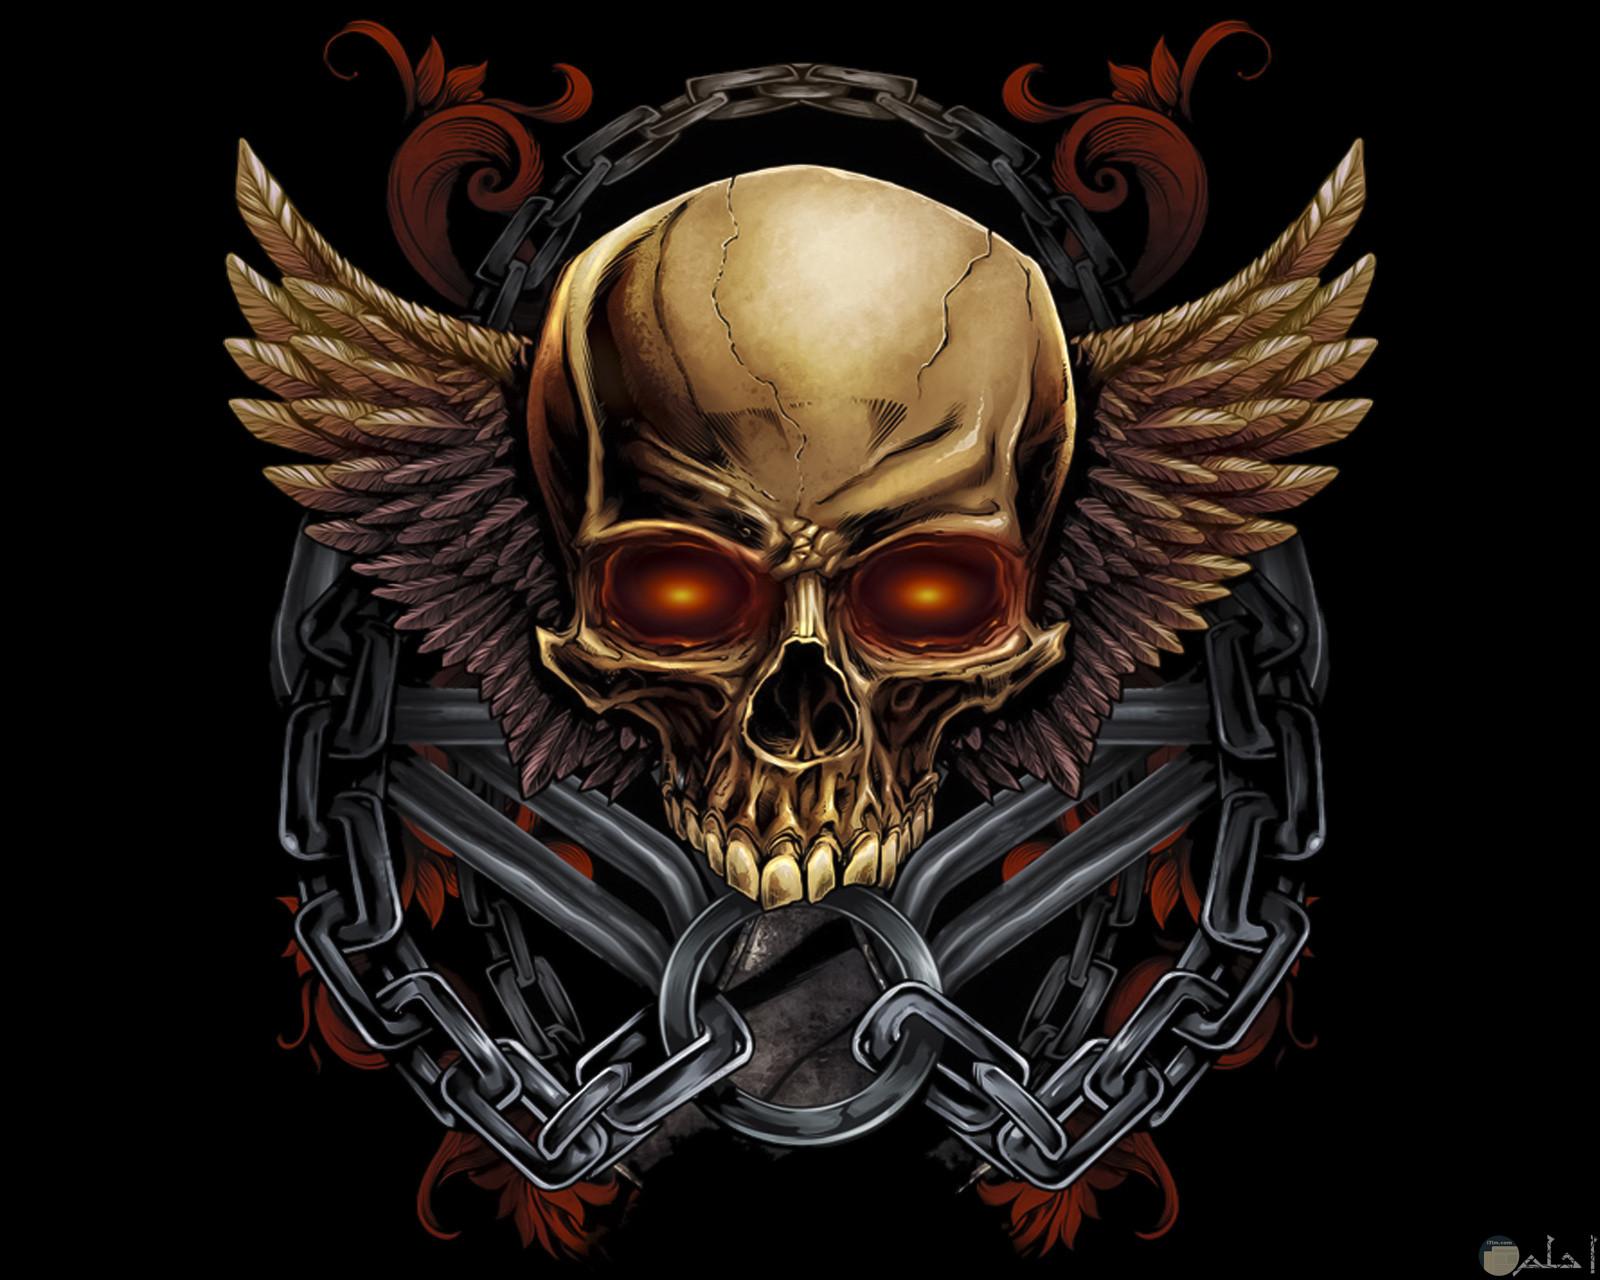 خلفية شعار الجماجم المجنحة.